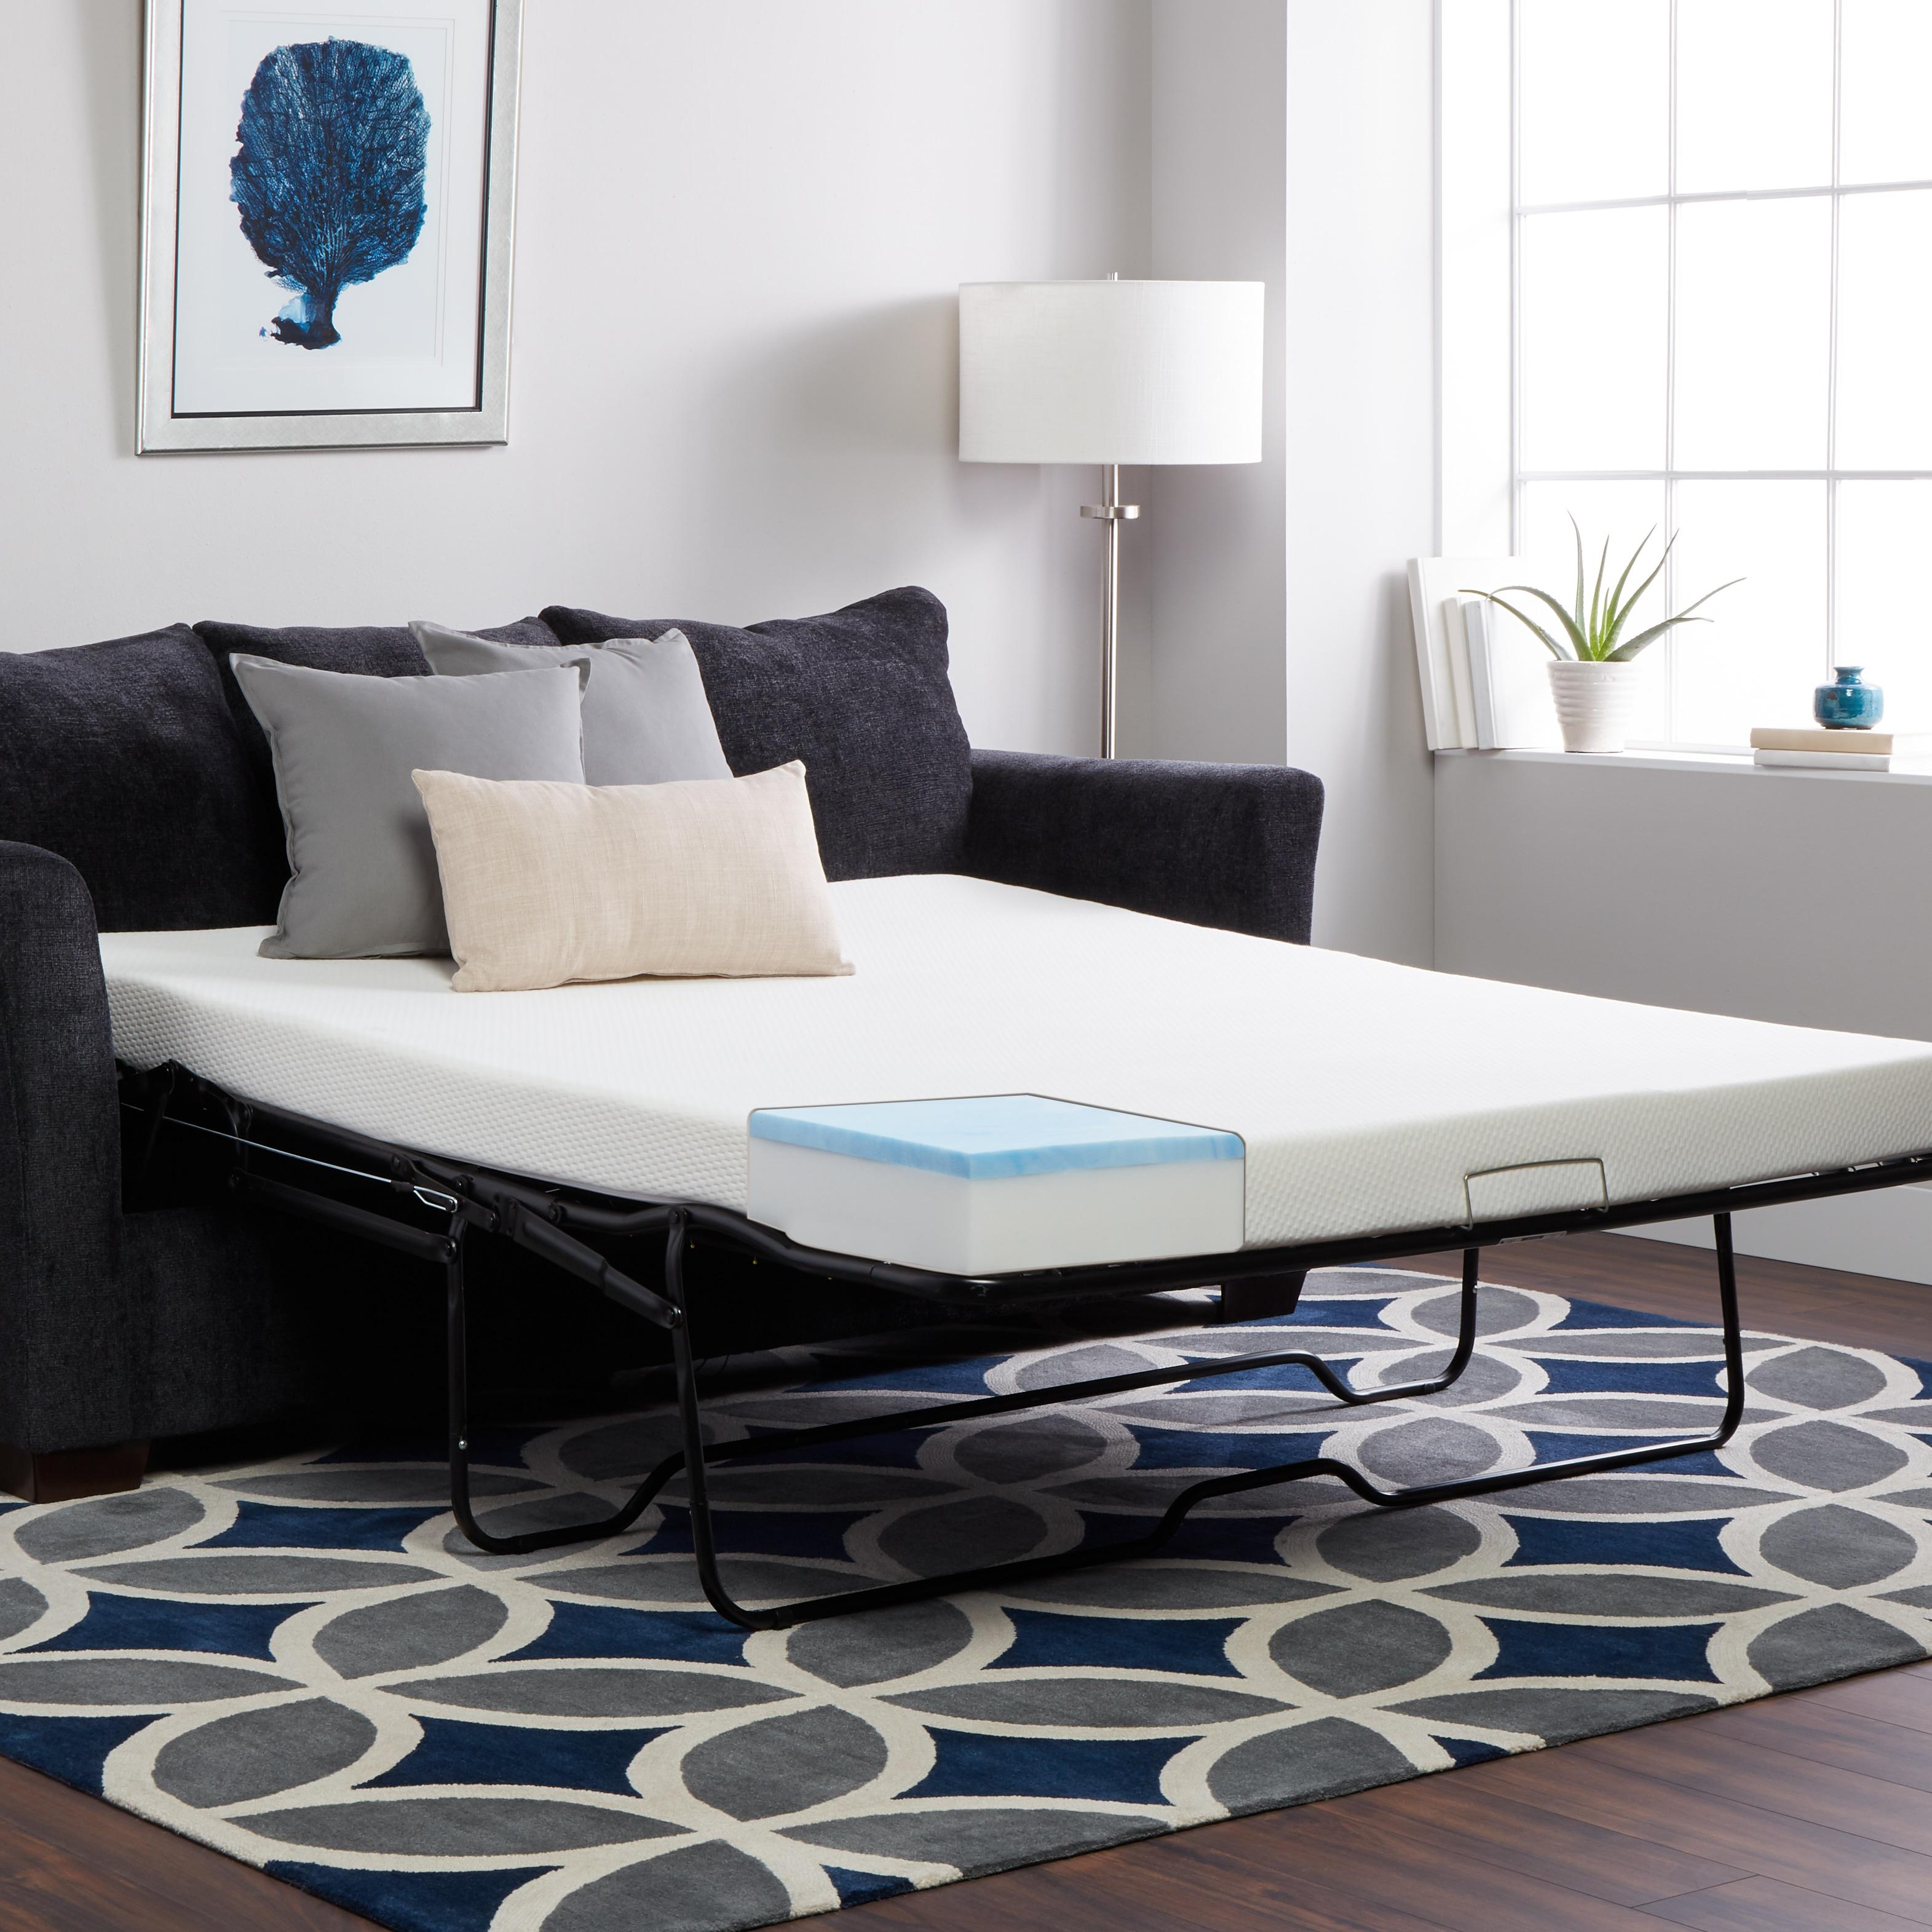 Select Luxury Full-Size Sleeper Sofa Gel Memory Foam Matt...